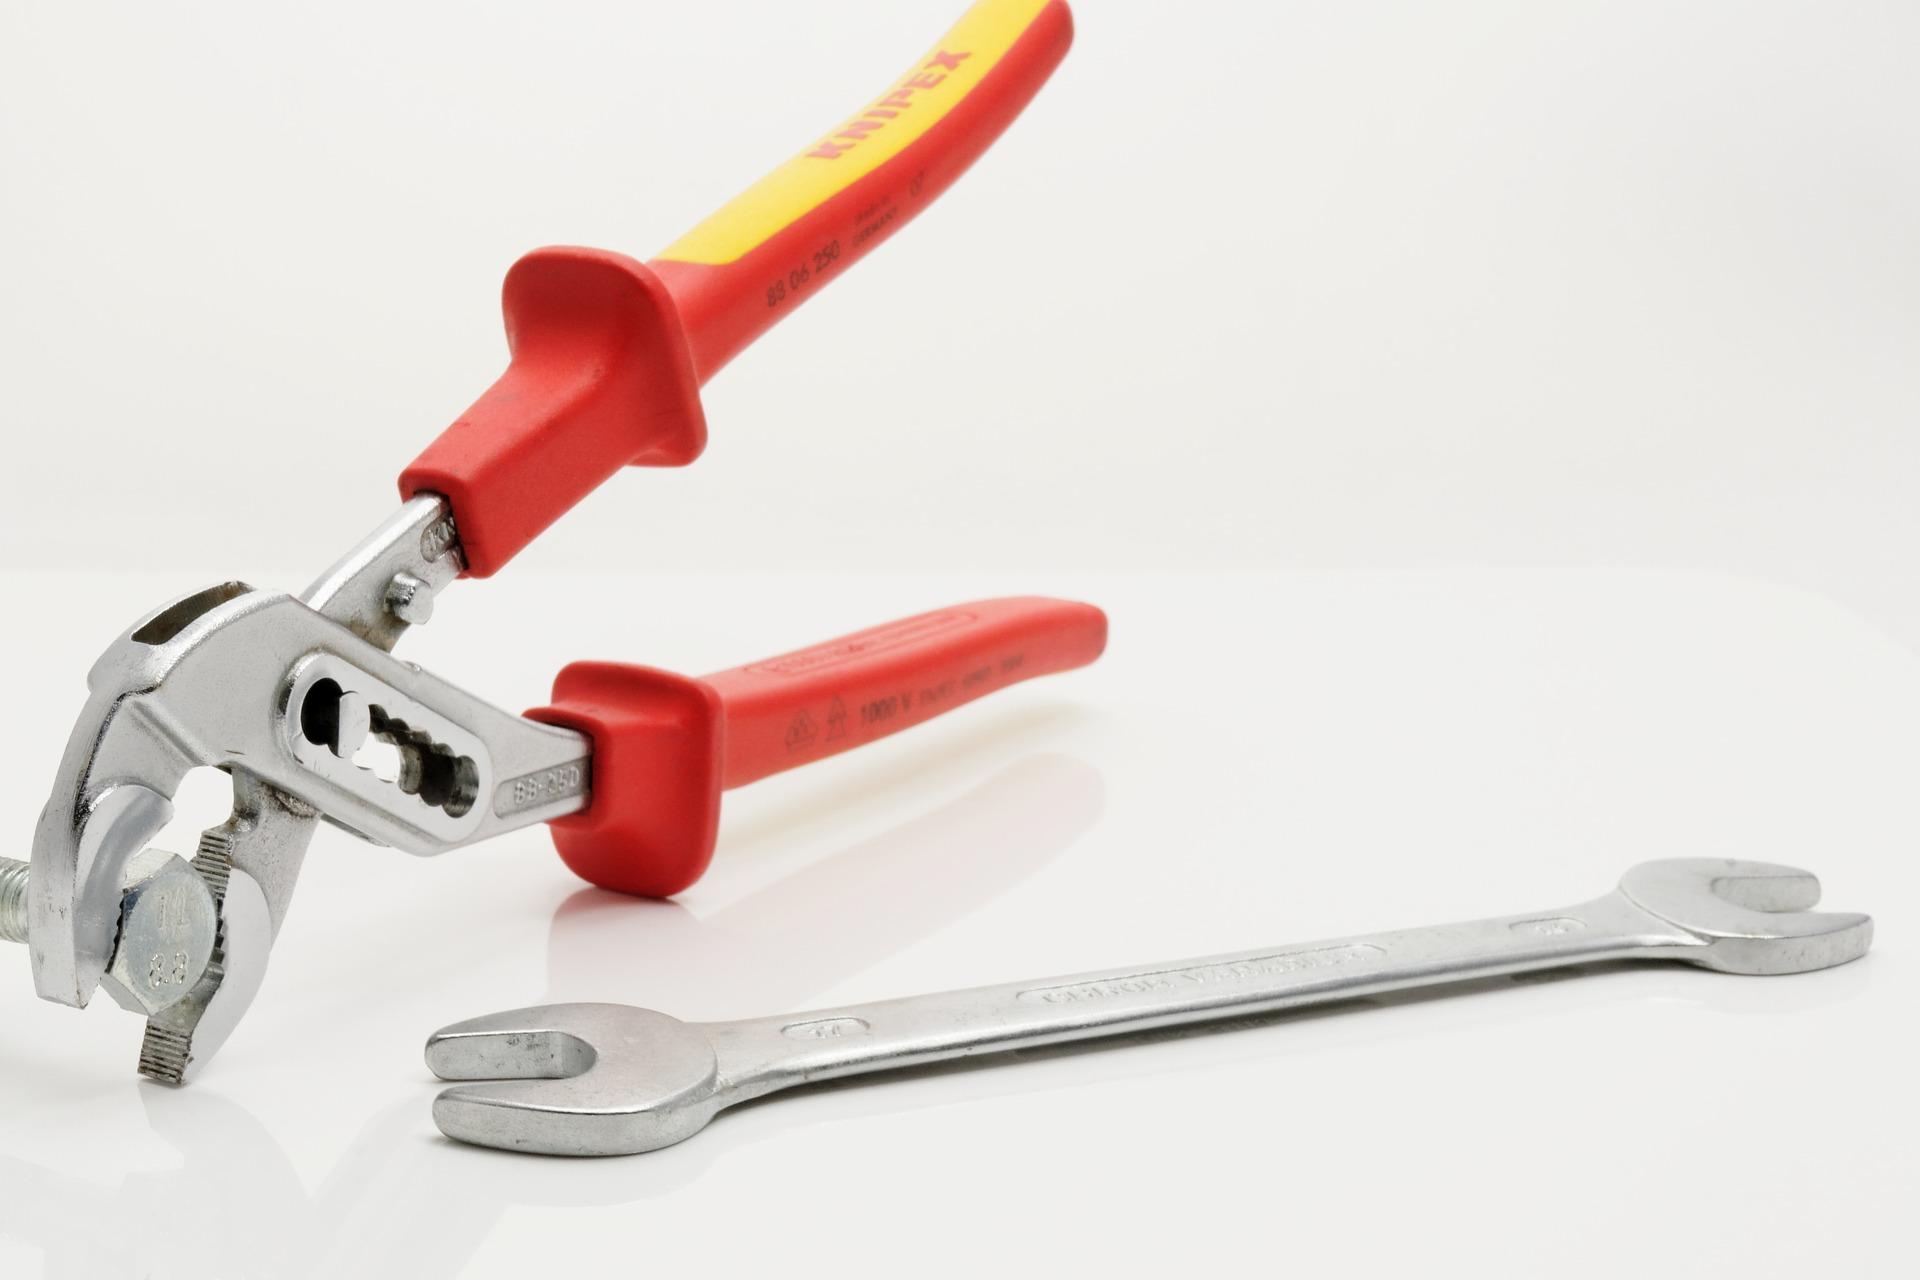 tool-1031948_1920